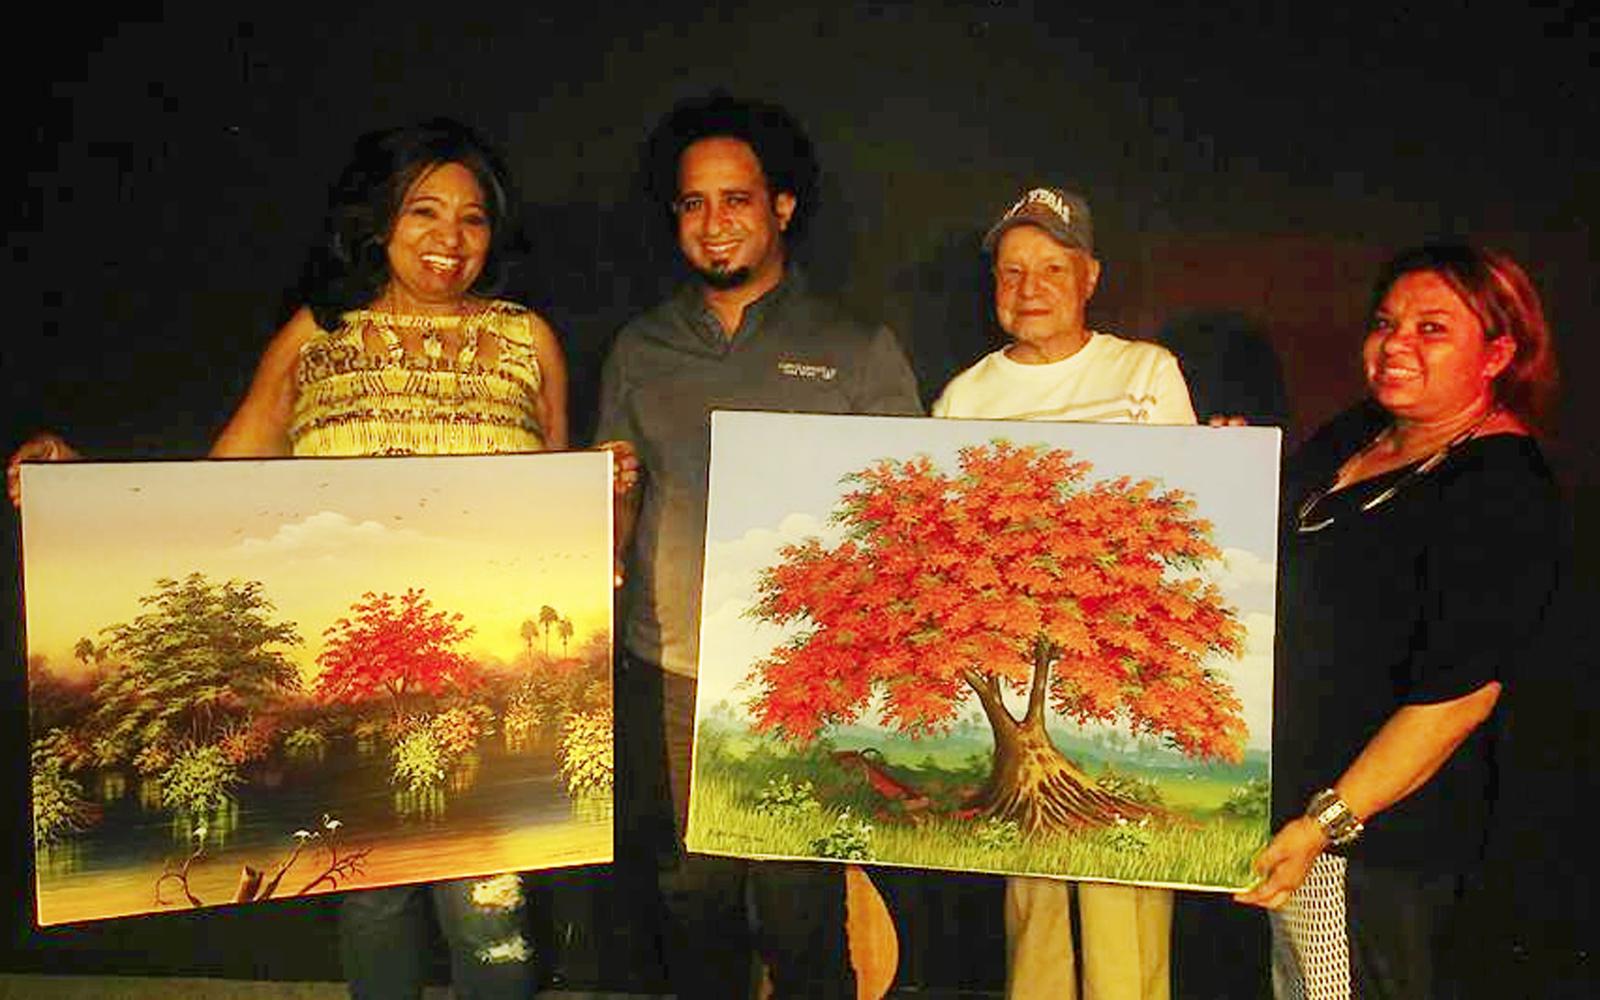 Martín, Porfirio y Rufino... Esos excelentes pintores dominicanos en LV